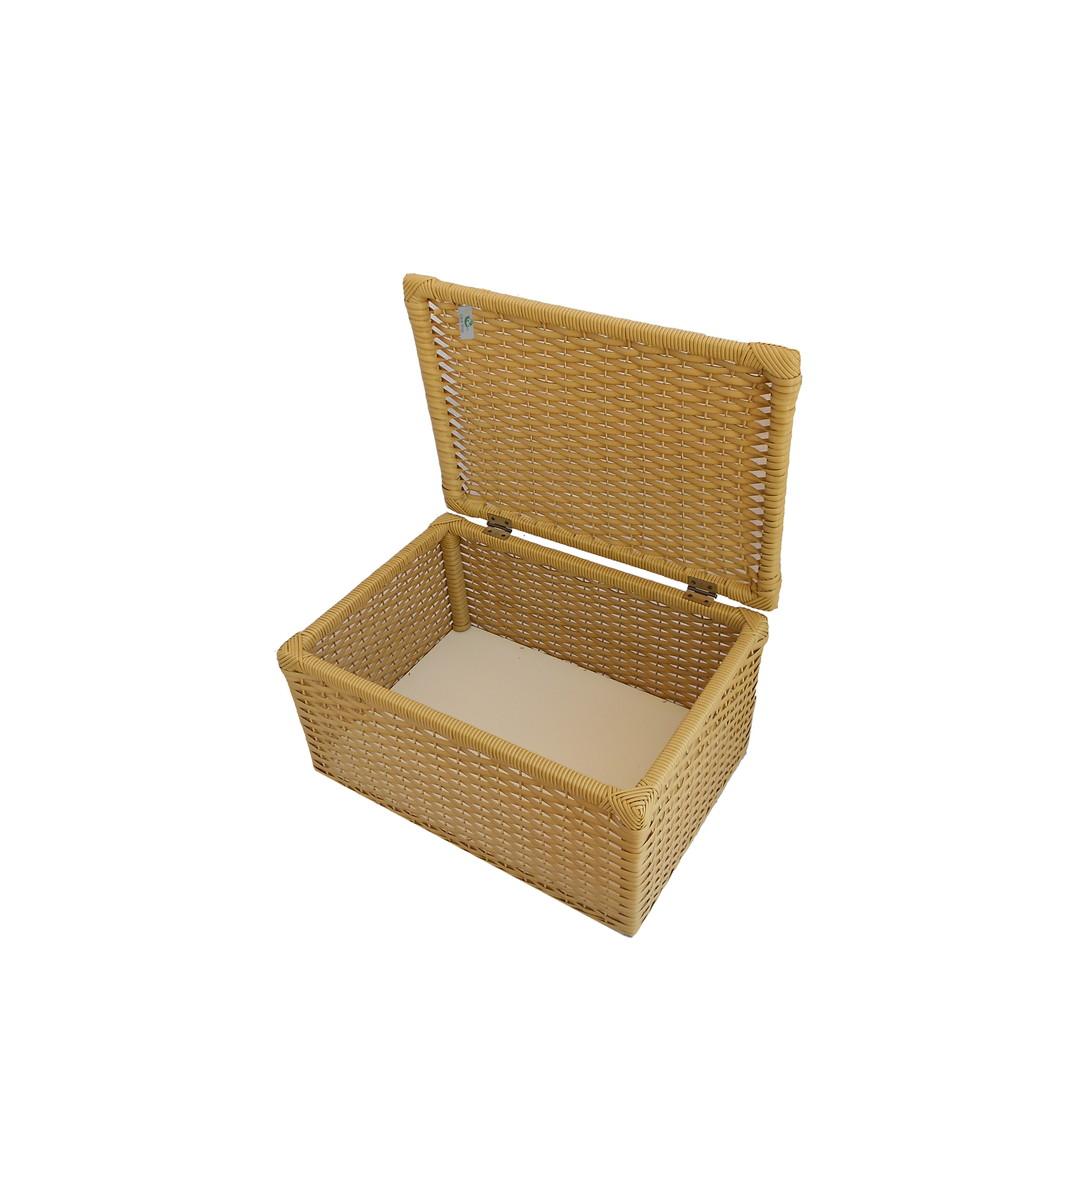 caixa fibra sintetica bananeira 50x35x25 caixa #734C20 1080x1200